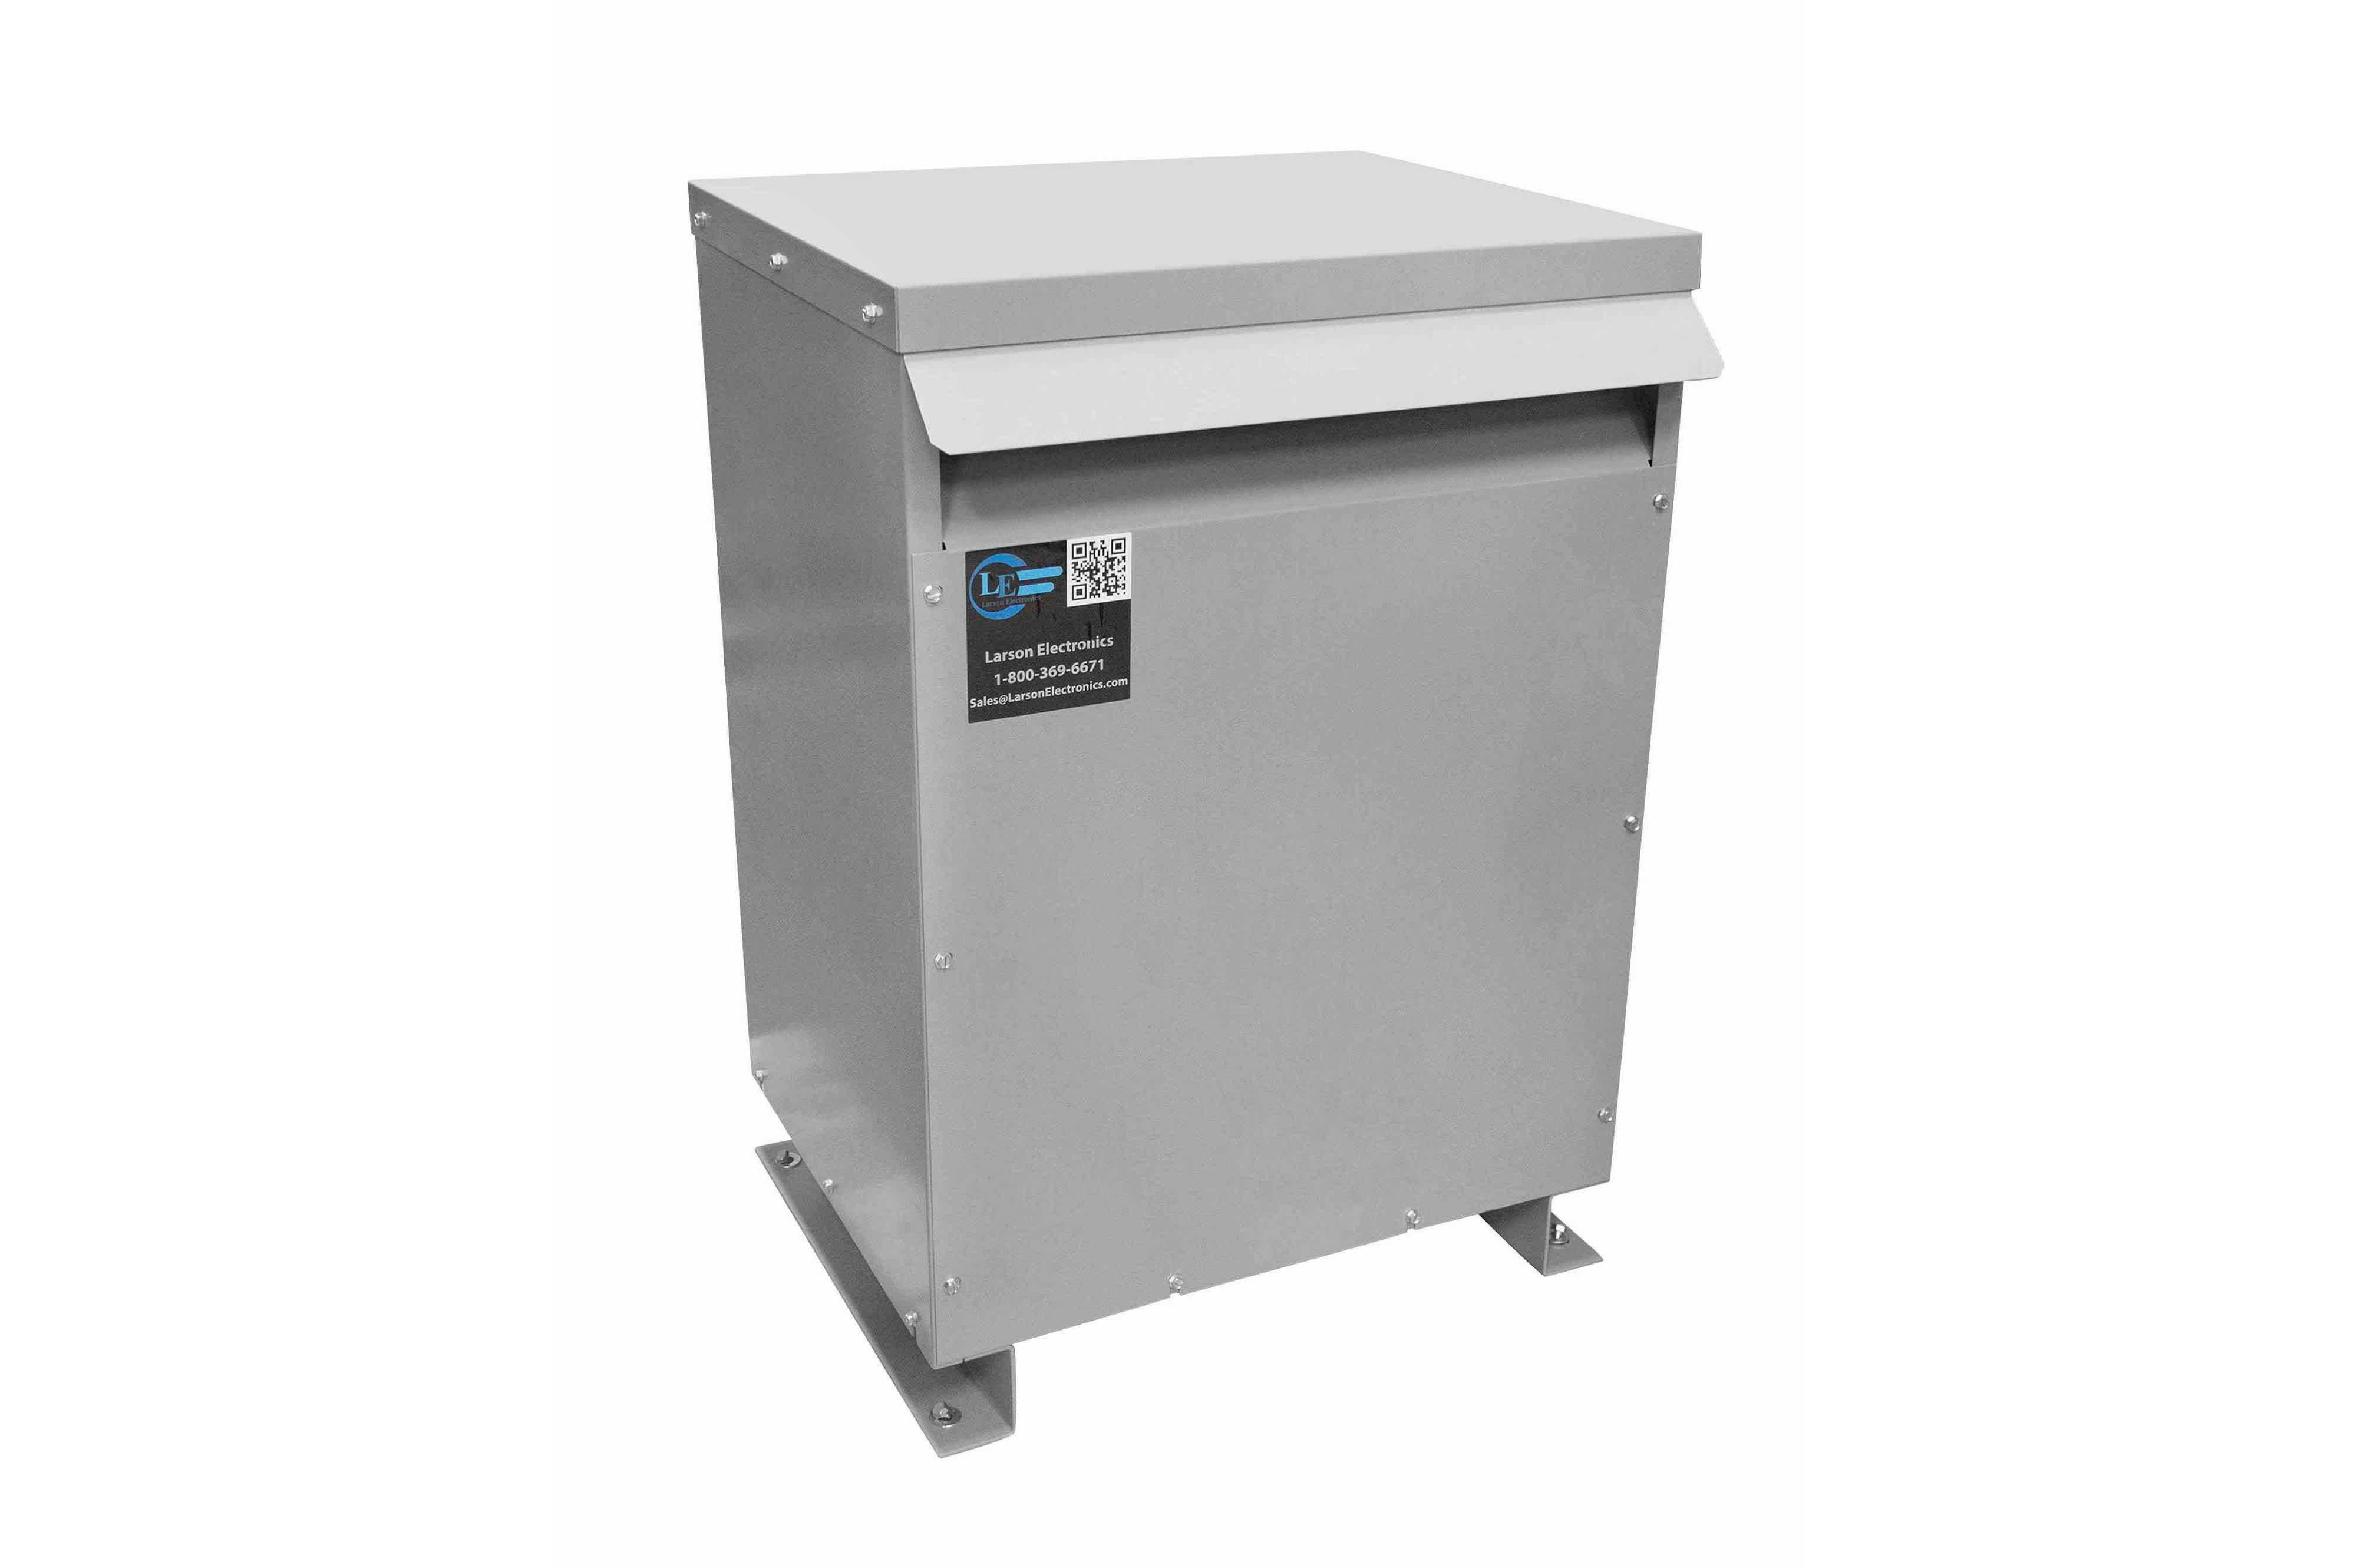 10 kVA 3PH Isolation Transformer, 415V Delta Primary, 208V Delta Secondary, N3R, Ventilated, 60 Hz